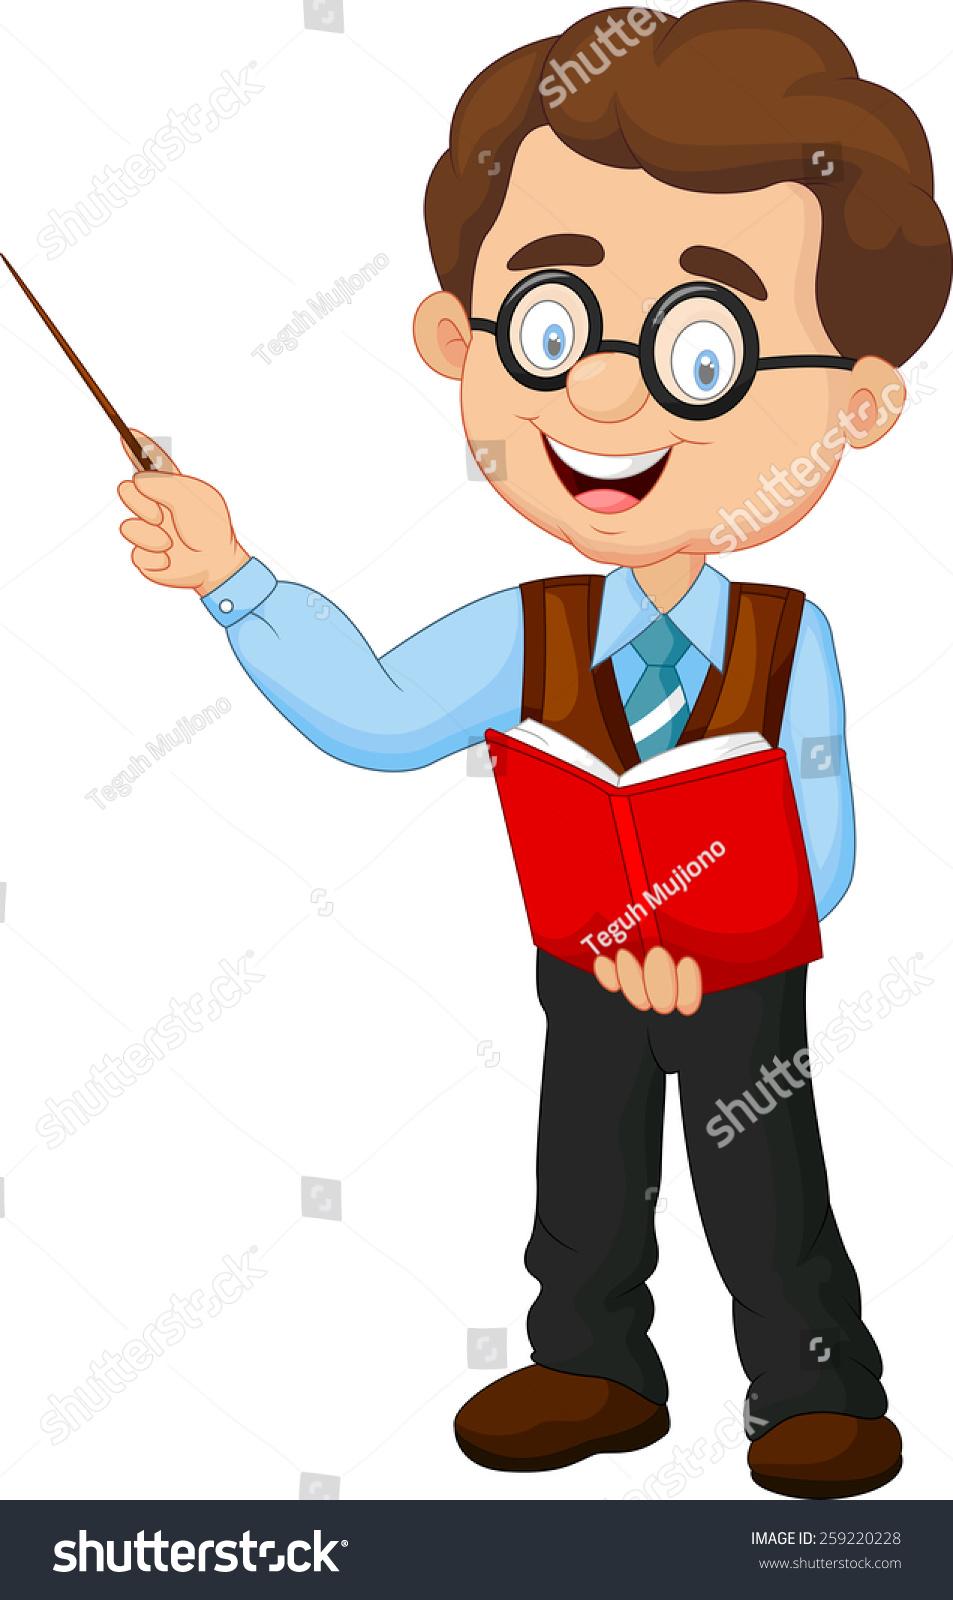 cartoon male teacher stock vector 259220228 shutterstock